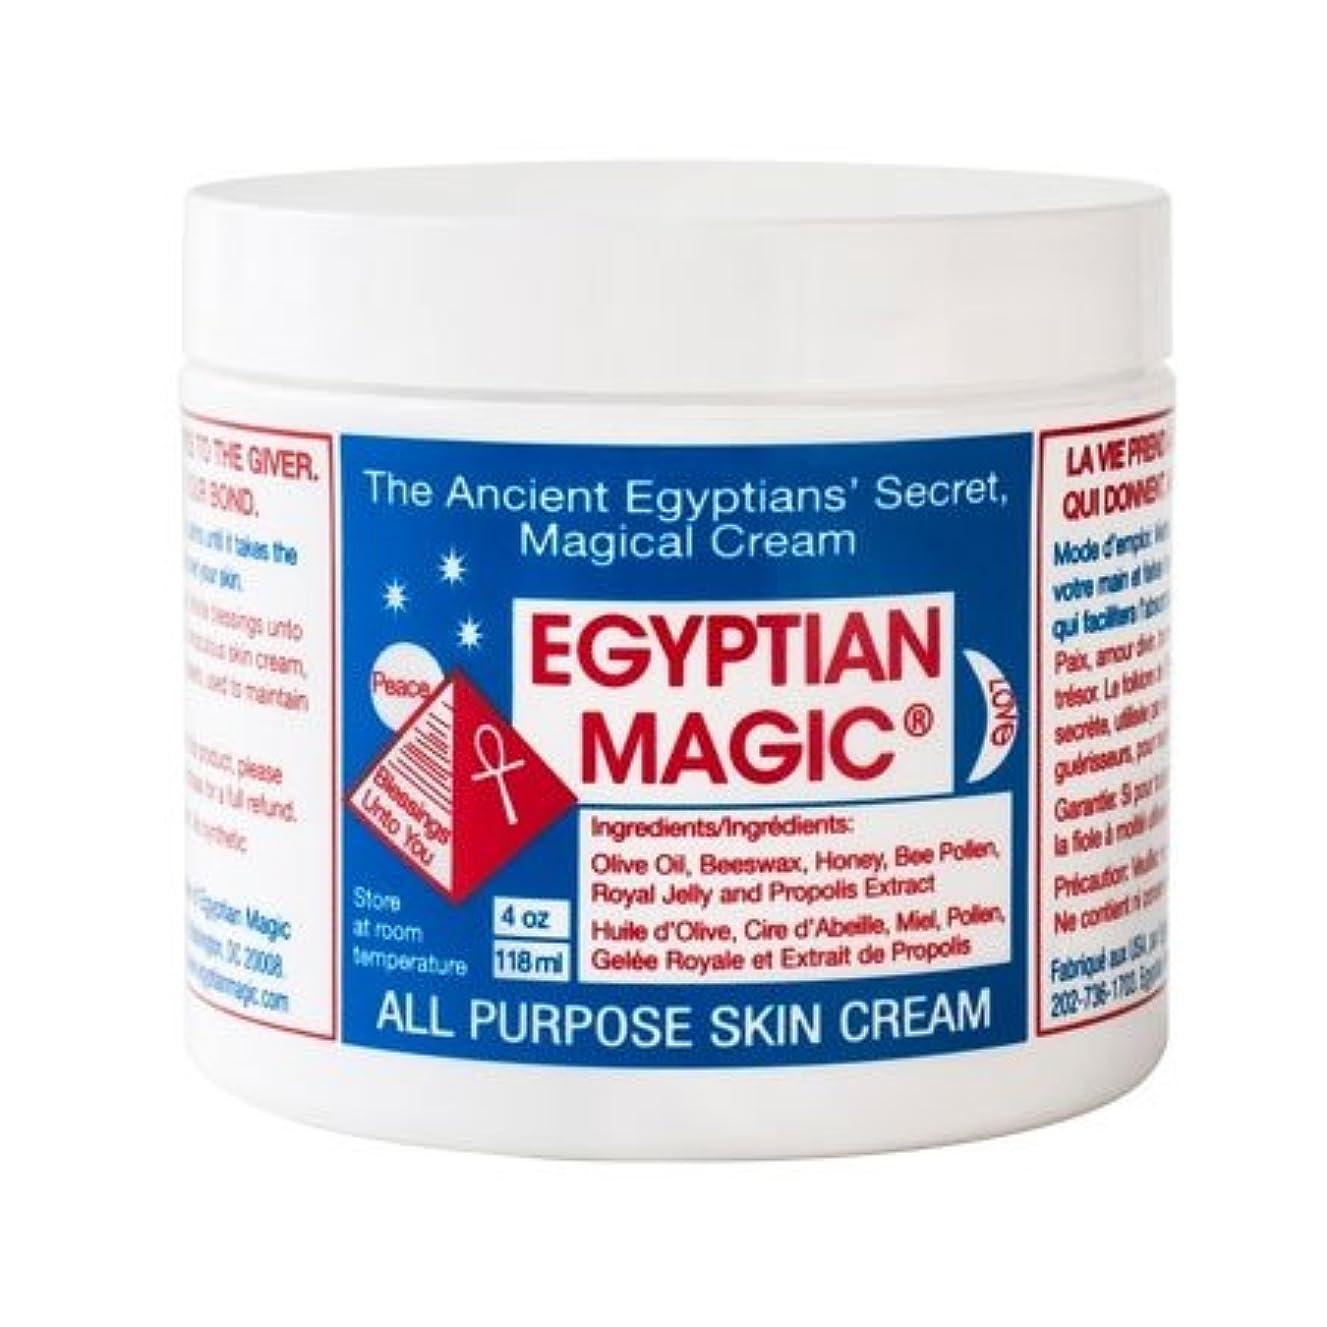 おとうさんグリル吐くエジプシャンマジック エジプシャン マジック クリーム 118ml 海外仕様パッケージ